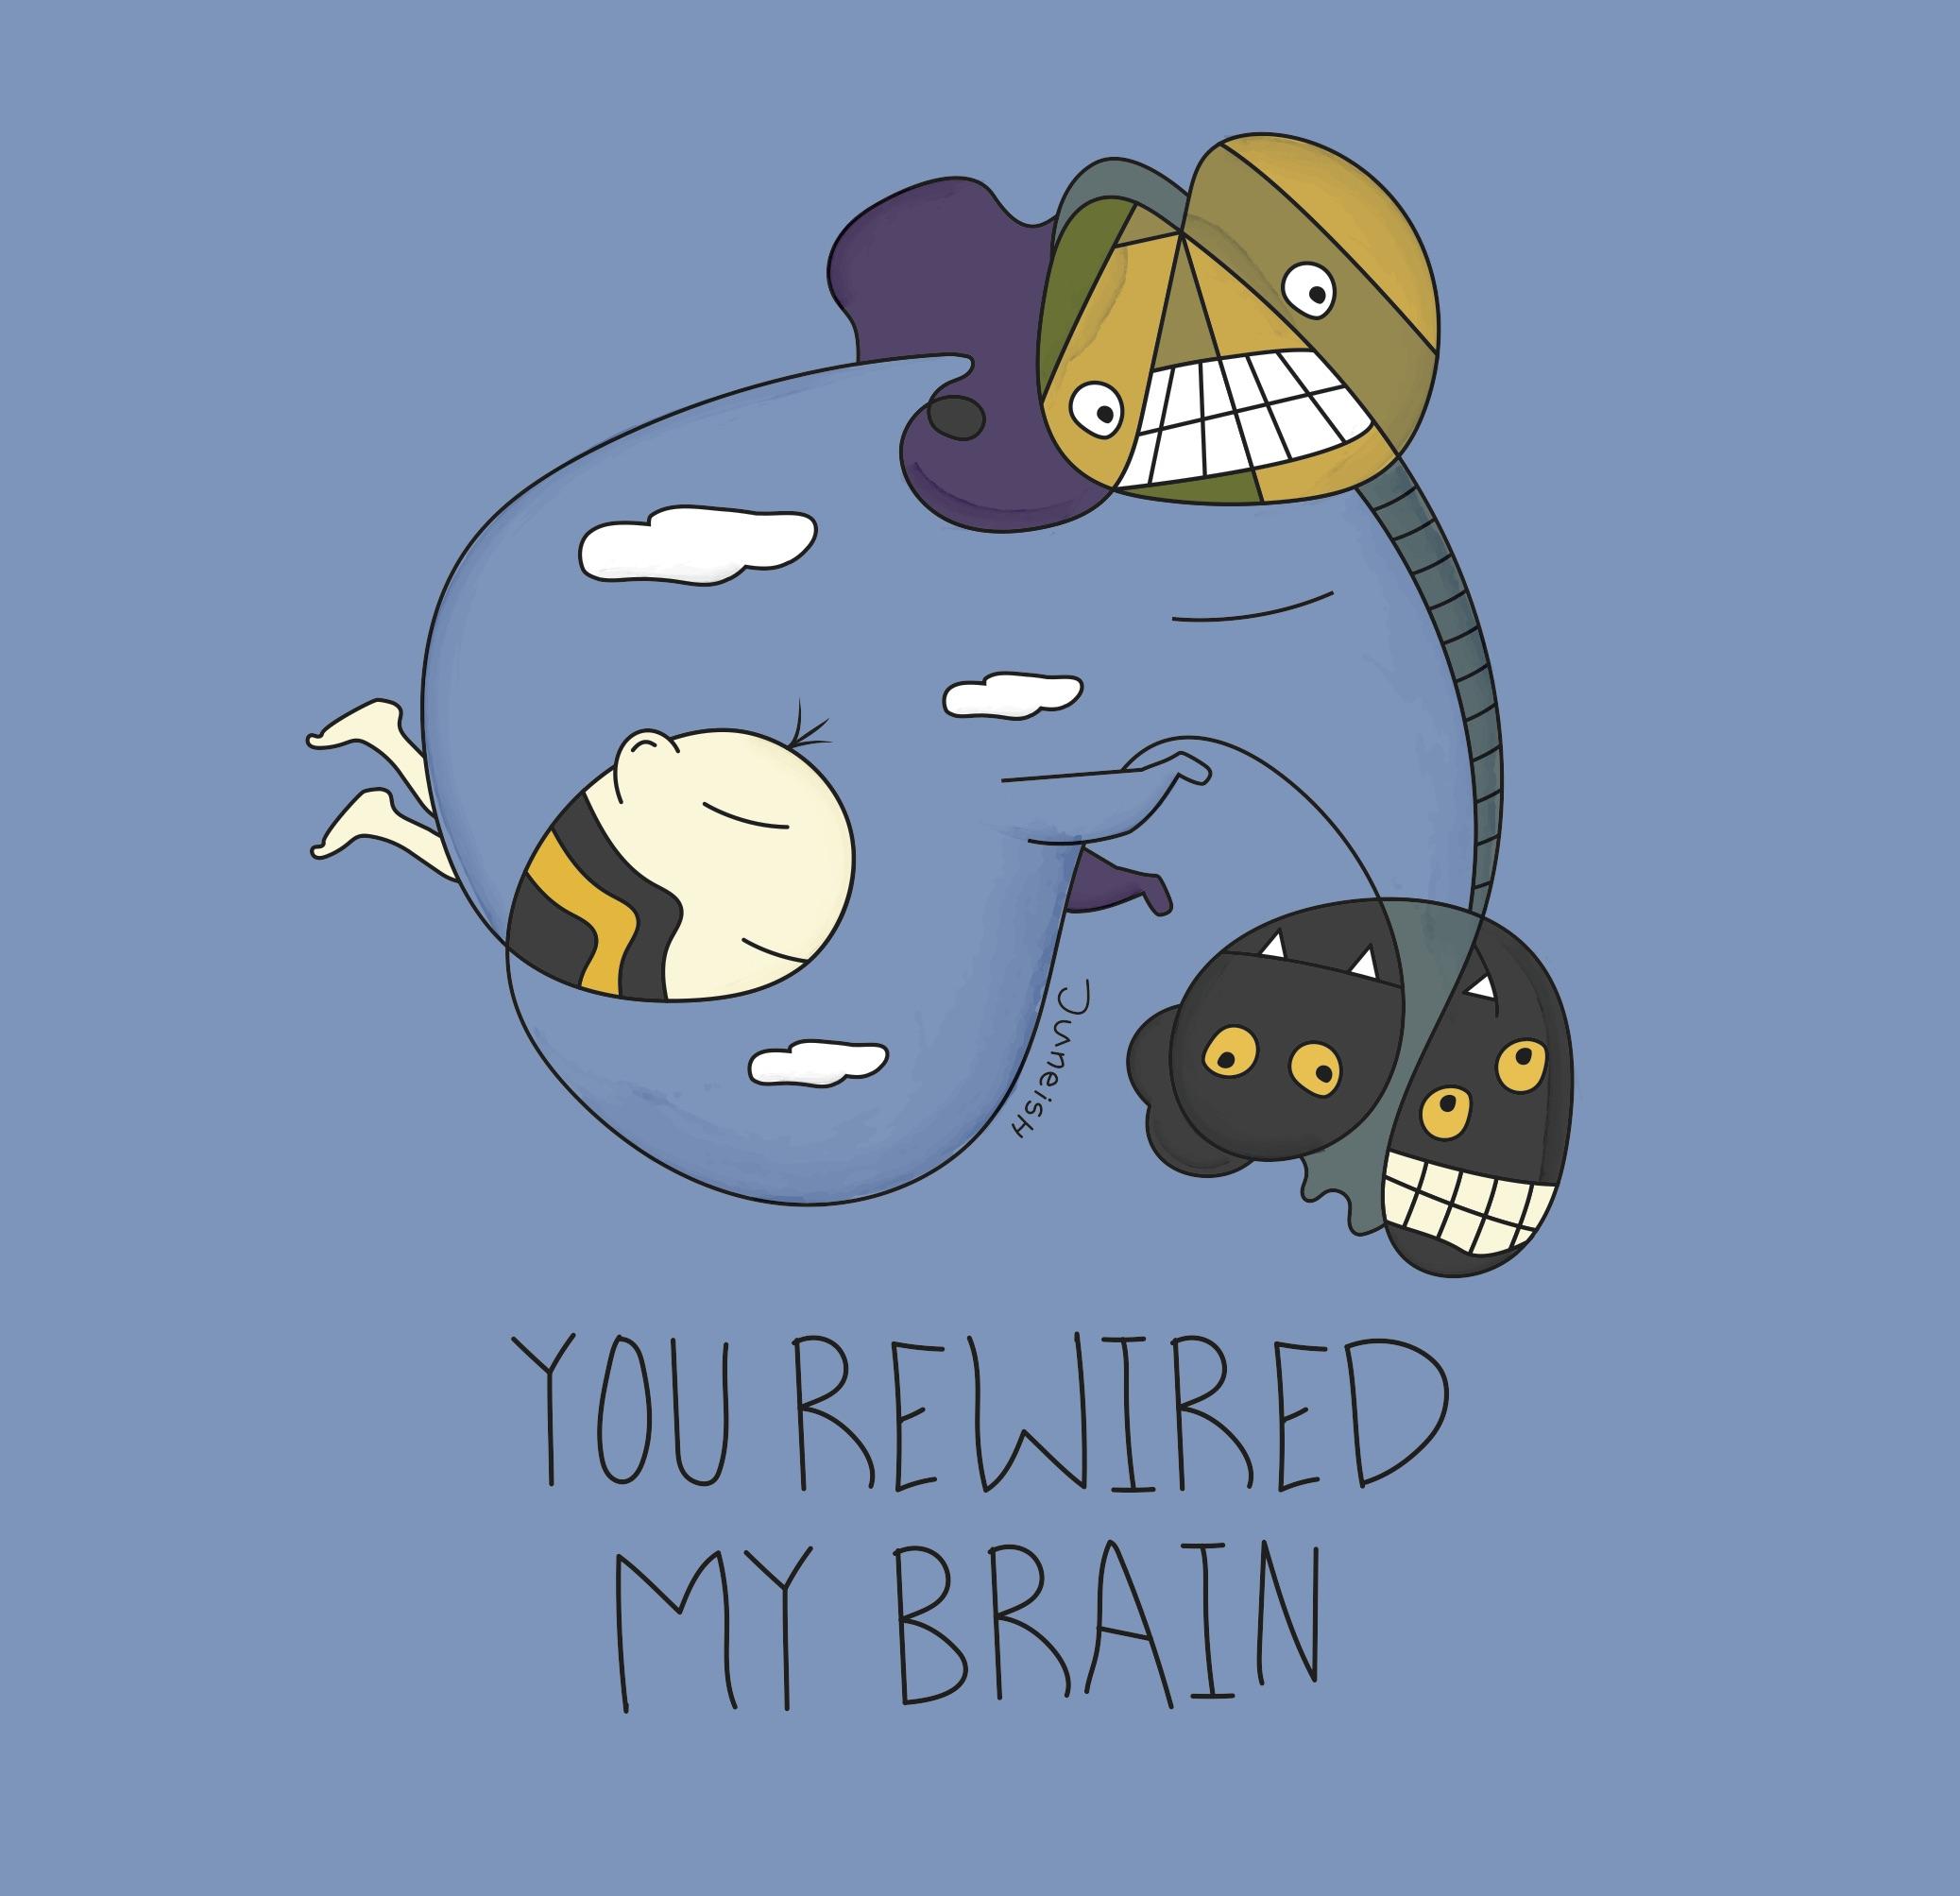 10_Rewired Brain.jpg